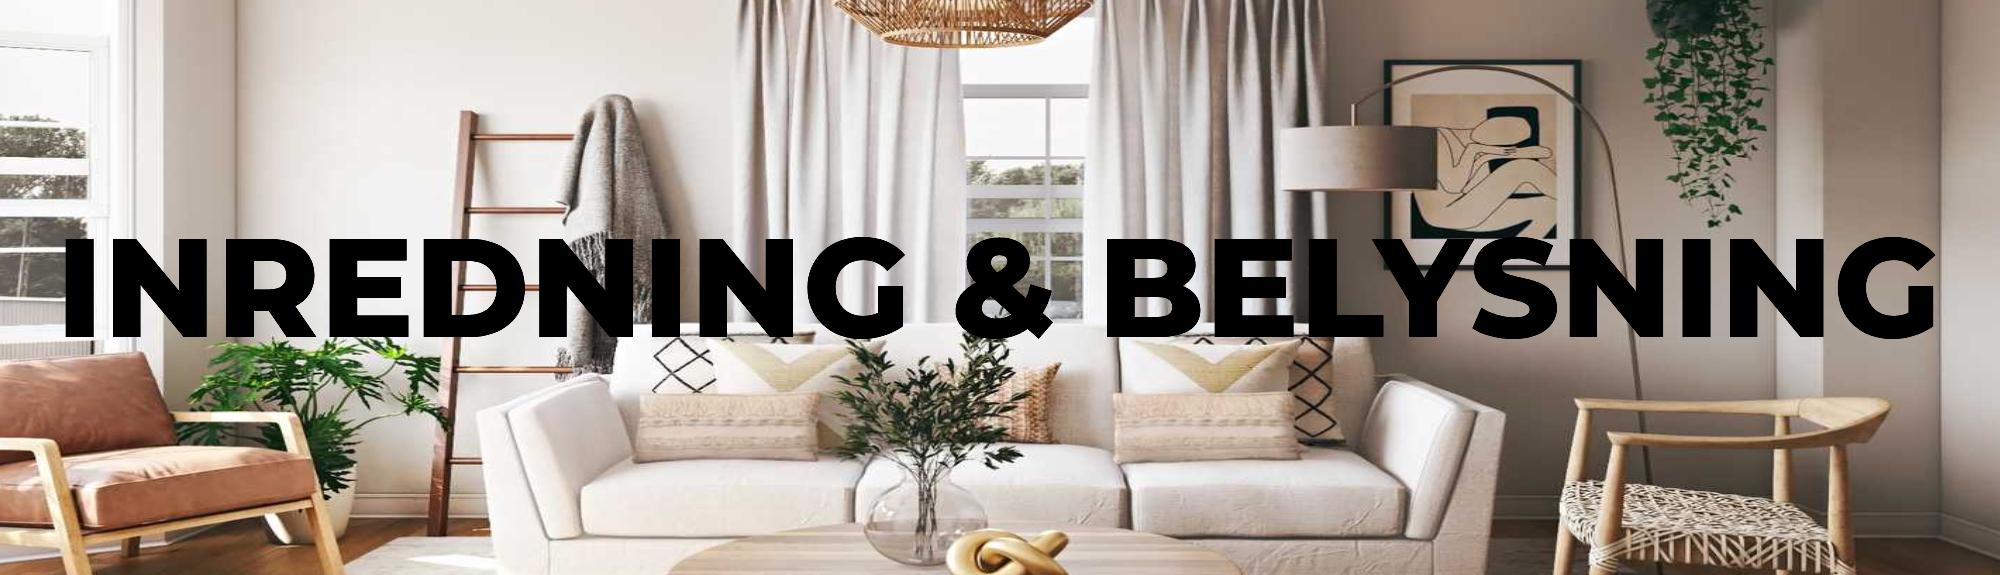 Kategori Inredning & Belysning Villahome.se Banner